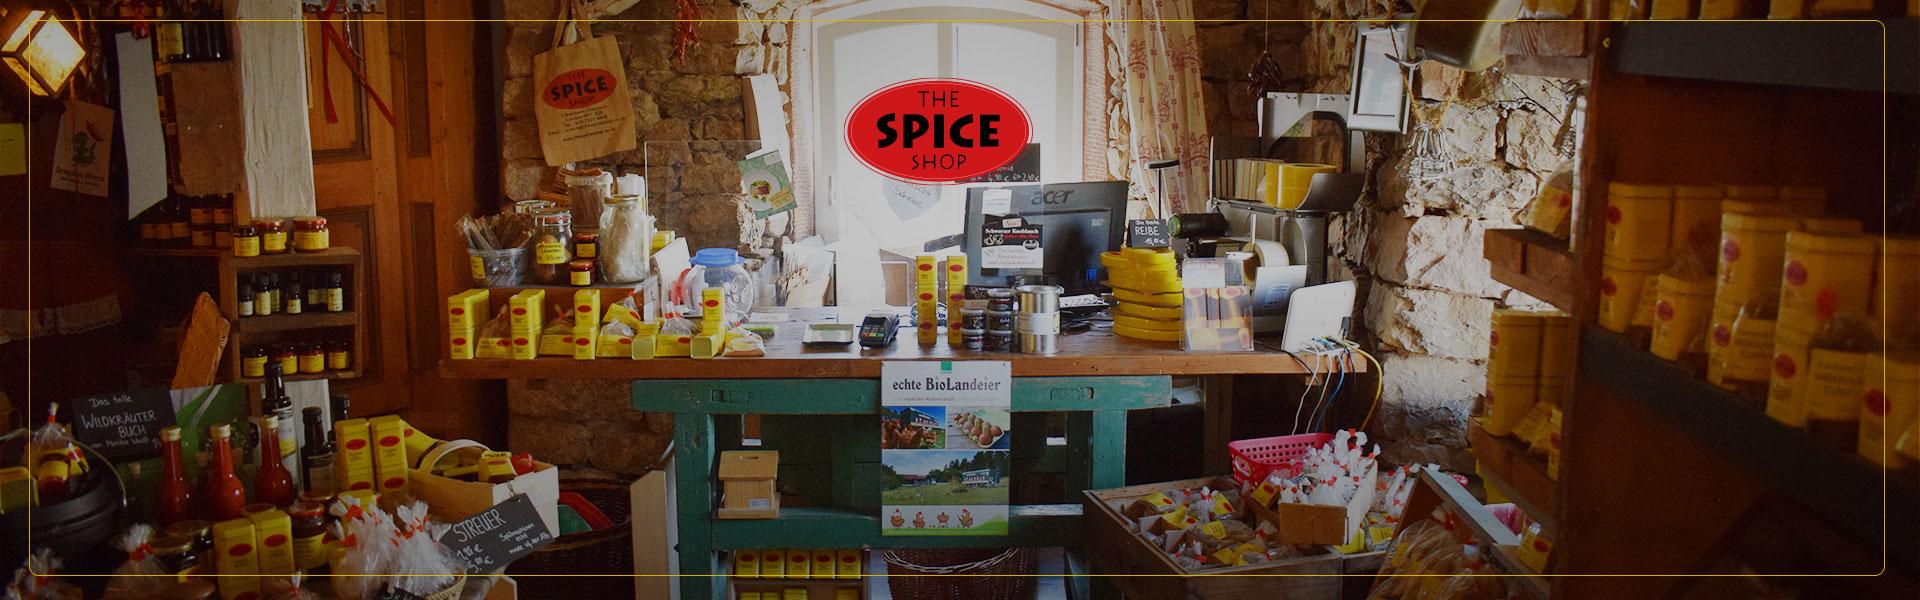 Spice Shop Home Slider - Willkommen